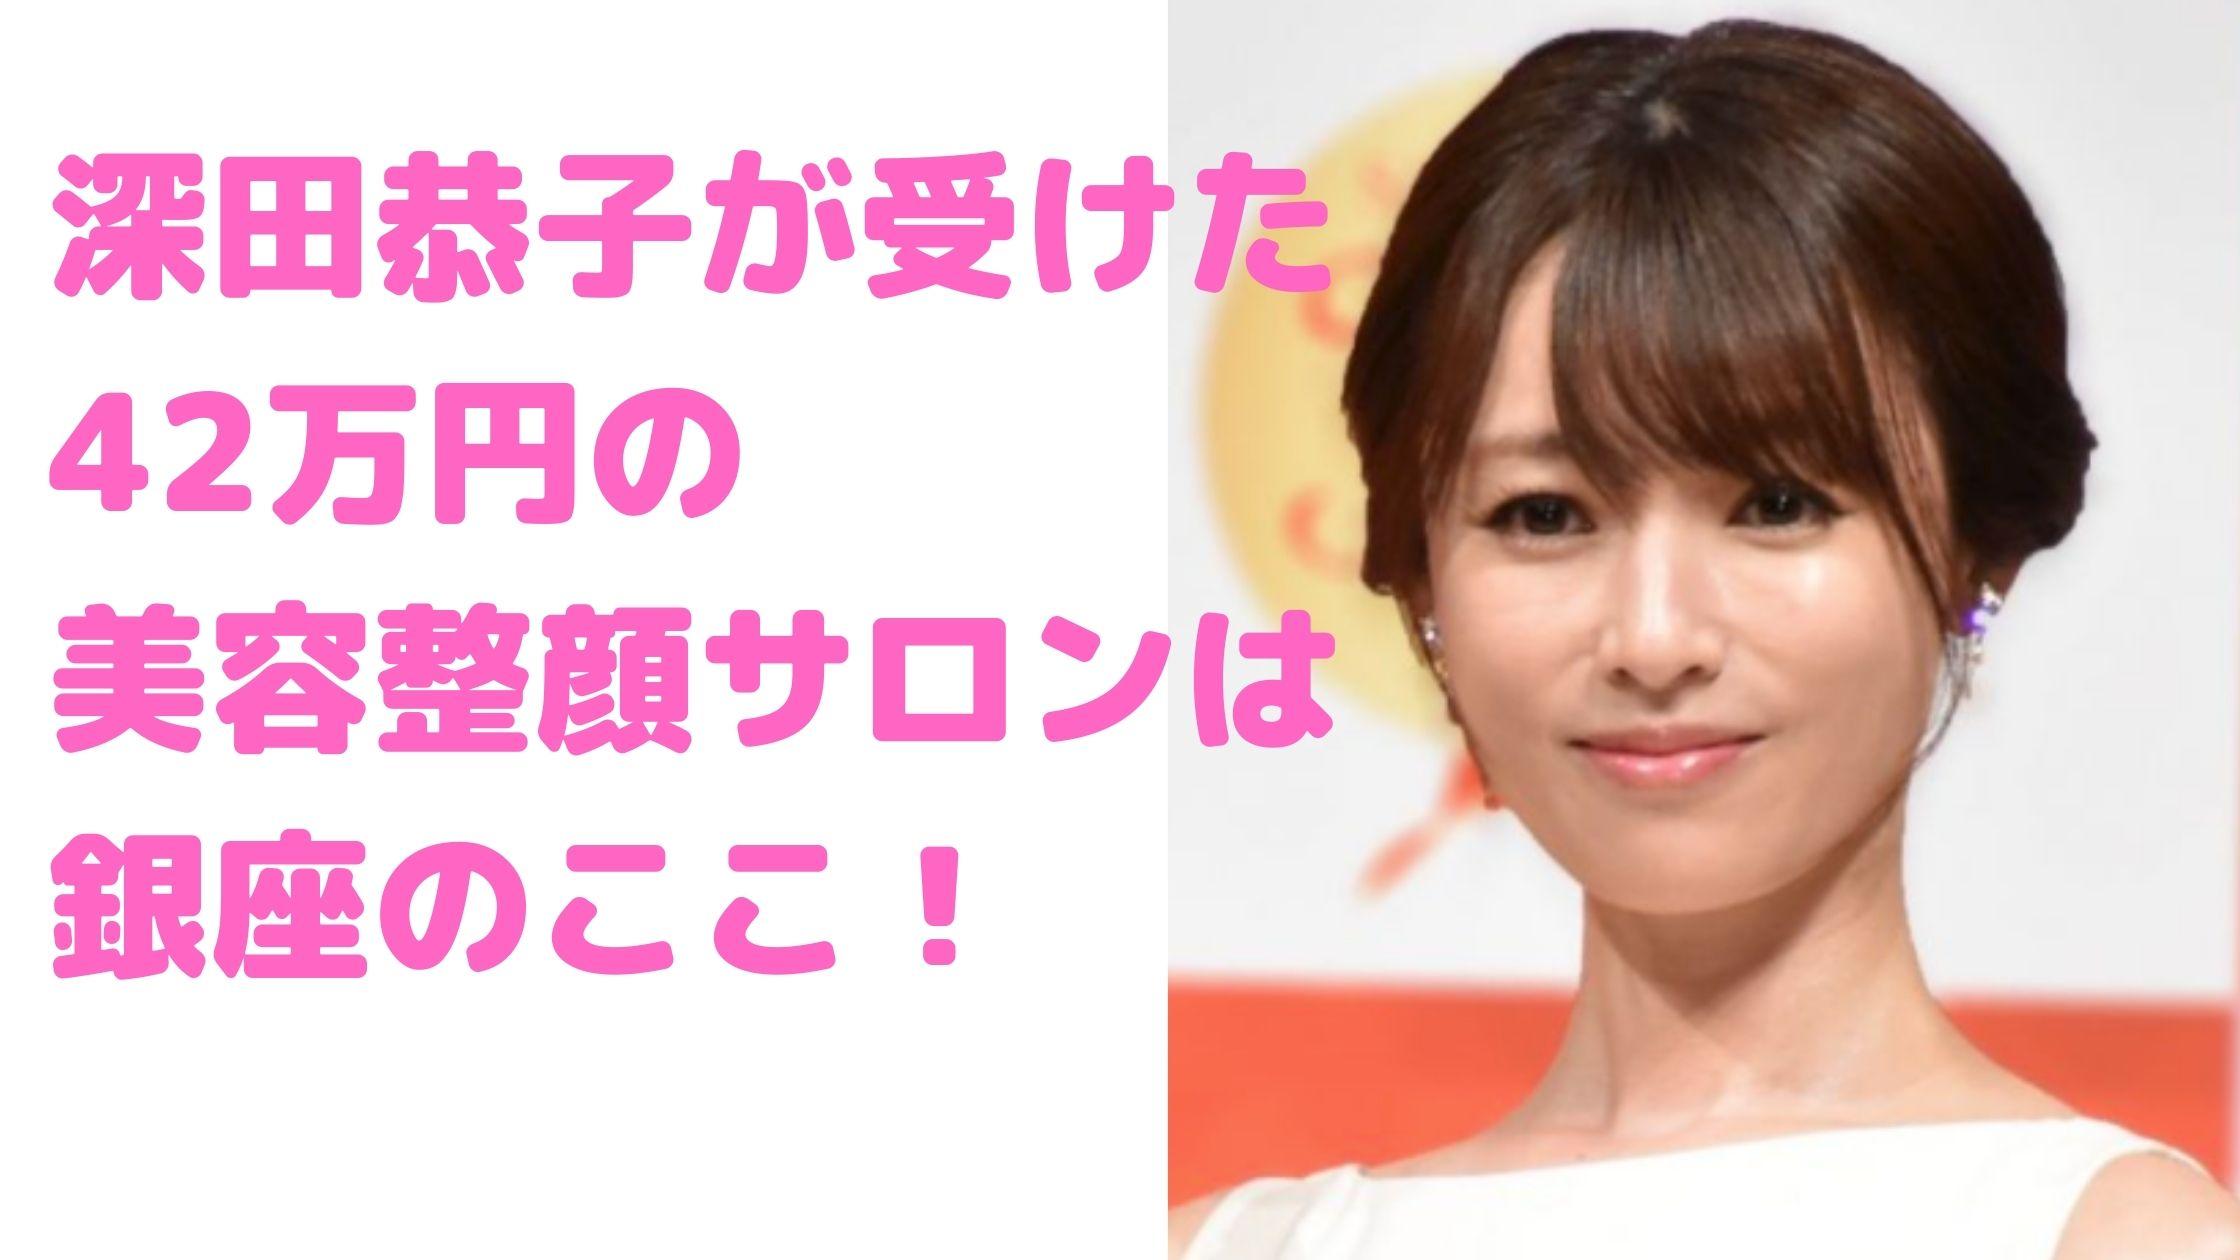 深田恭子 整顔 どこ